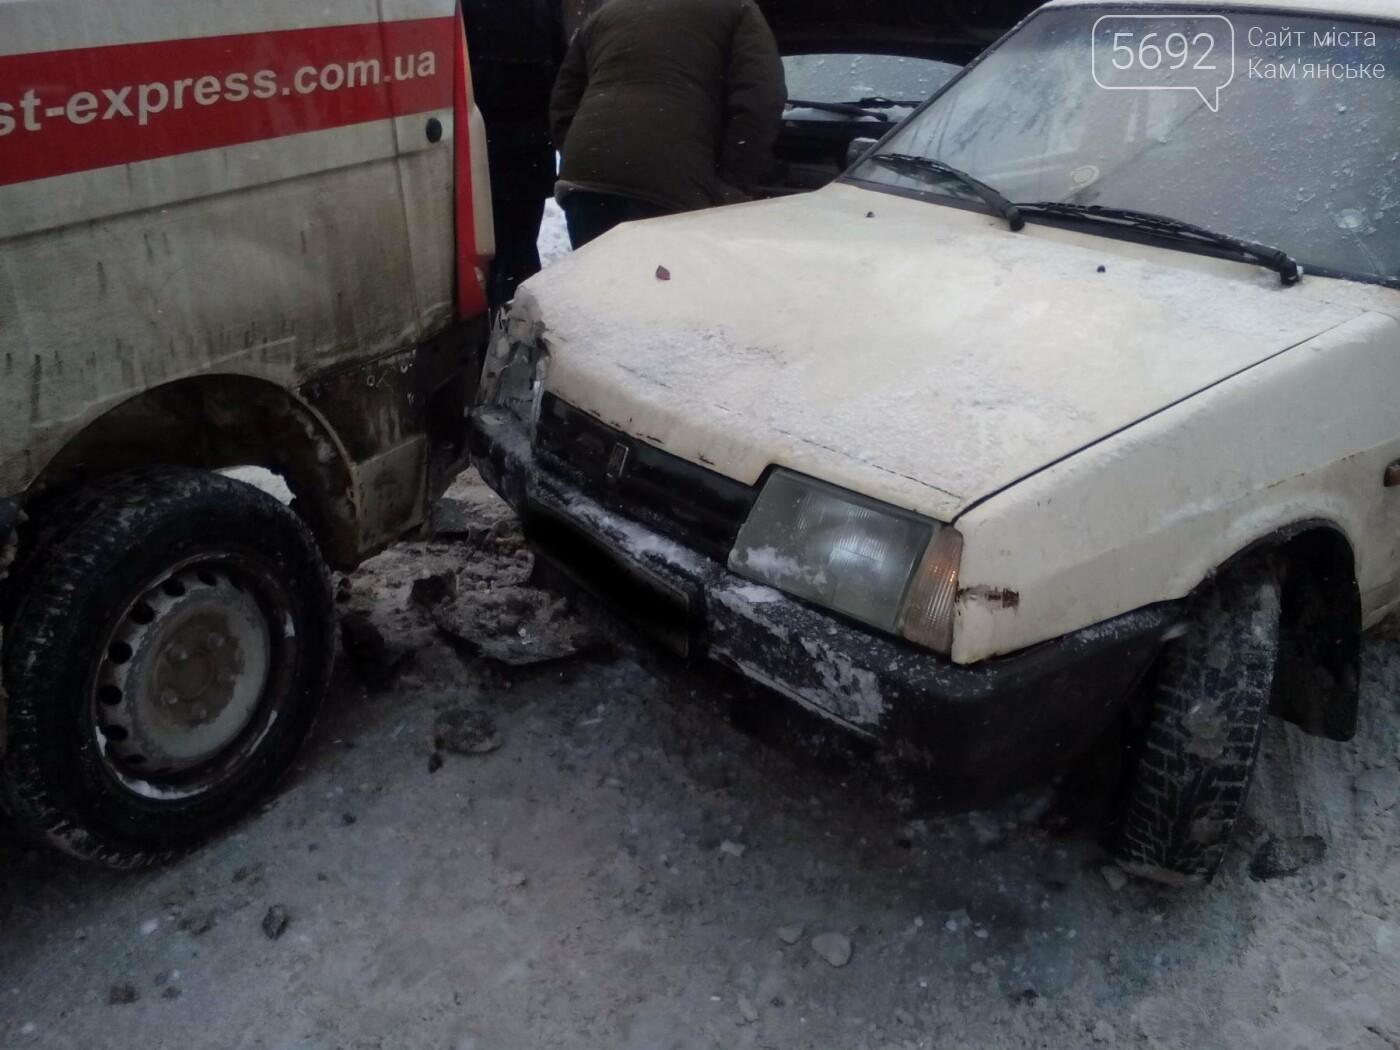 ДТП на Матросова: каменские водители жалуются на нечищеные дороги, фото-1